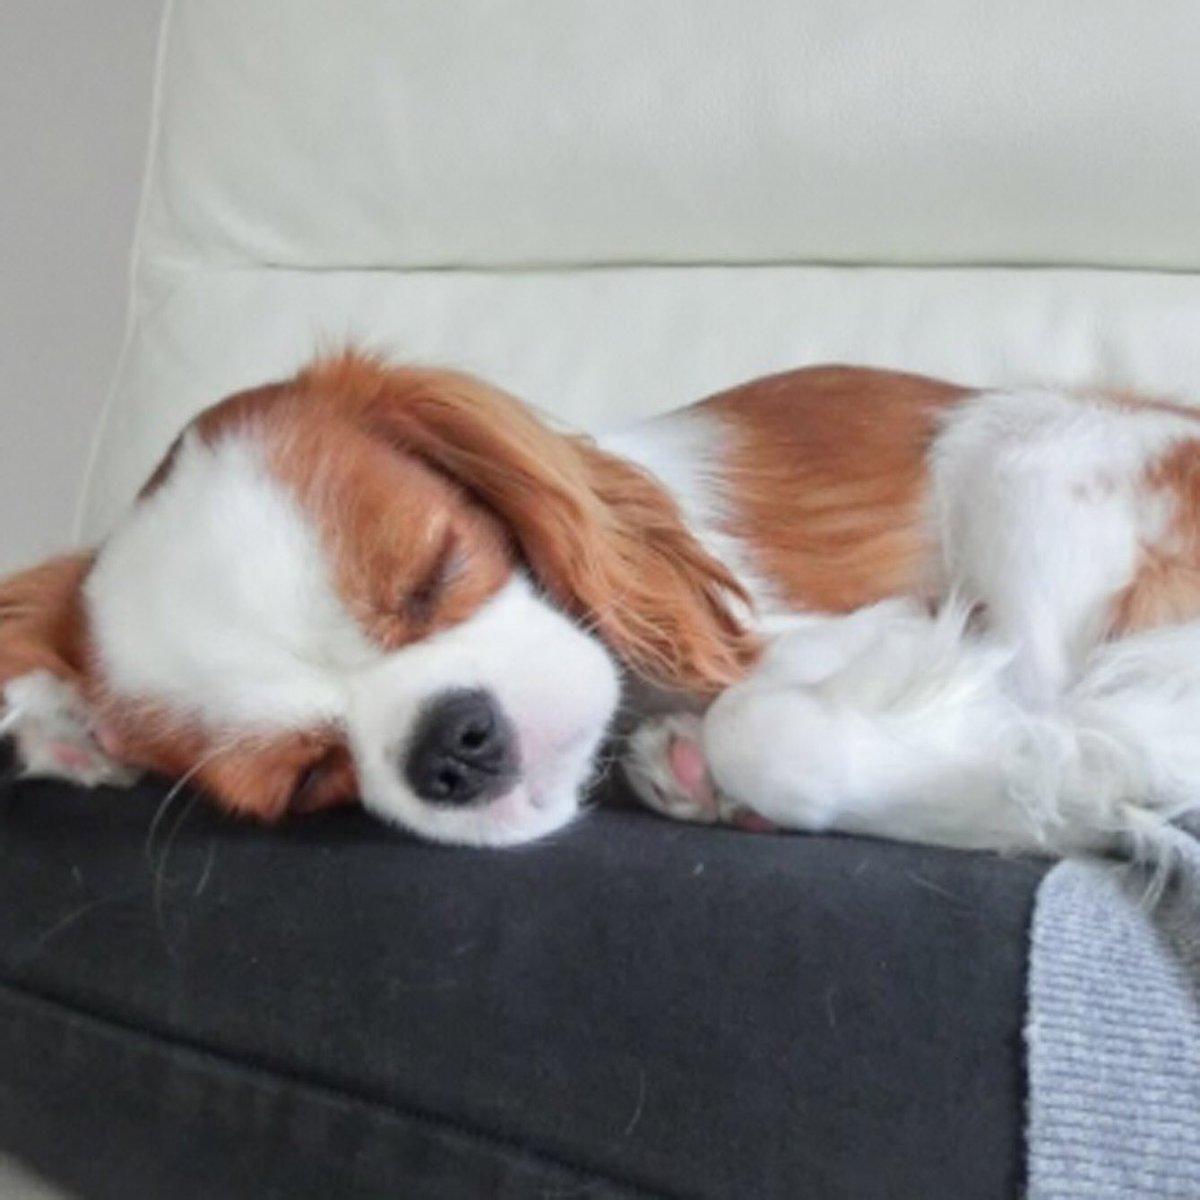 かわいいわんちゃん♪ #ハニーペット #HONEYPET #honeypet #犬 #ふわもこ部 #愛犬 #わんこ #いぬすたぐらむ #いぬ #ペット #犬のいる暮らし #ワンコ #イヌ #いぬのきもち #こいぬ #dog #dogsofinstagram #puppy #pet  #instagood #follow #followme https://t.co/FENoe9WFiF